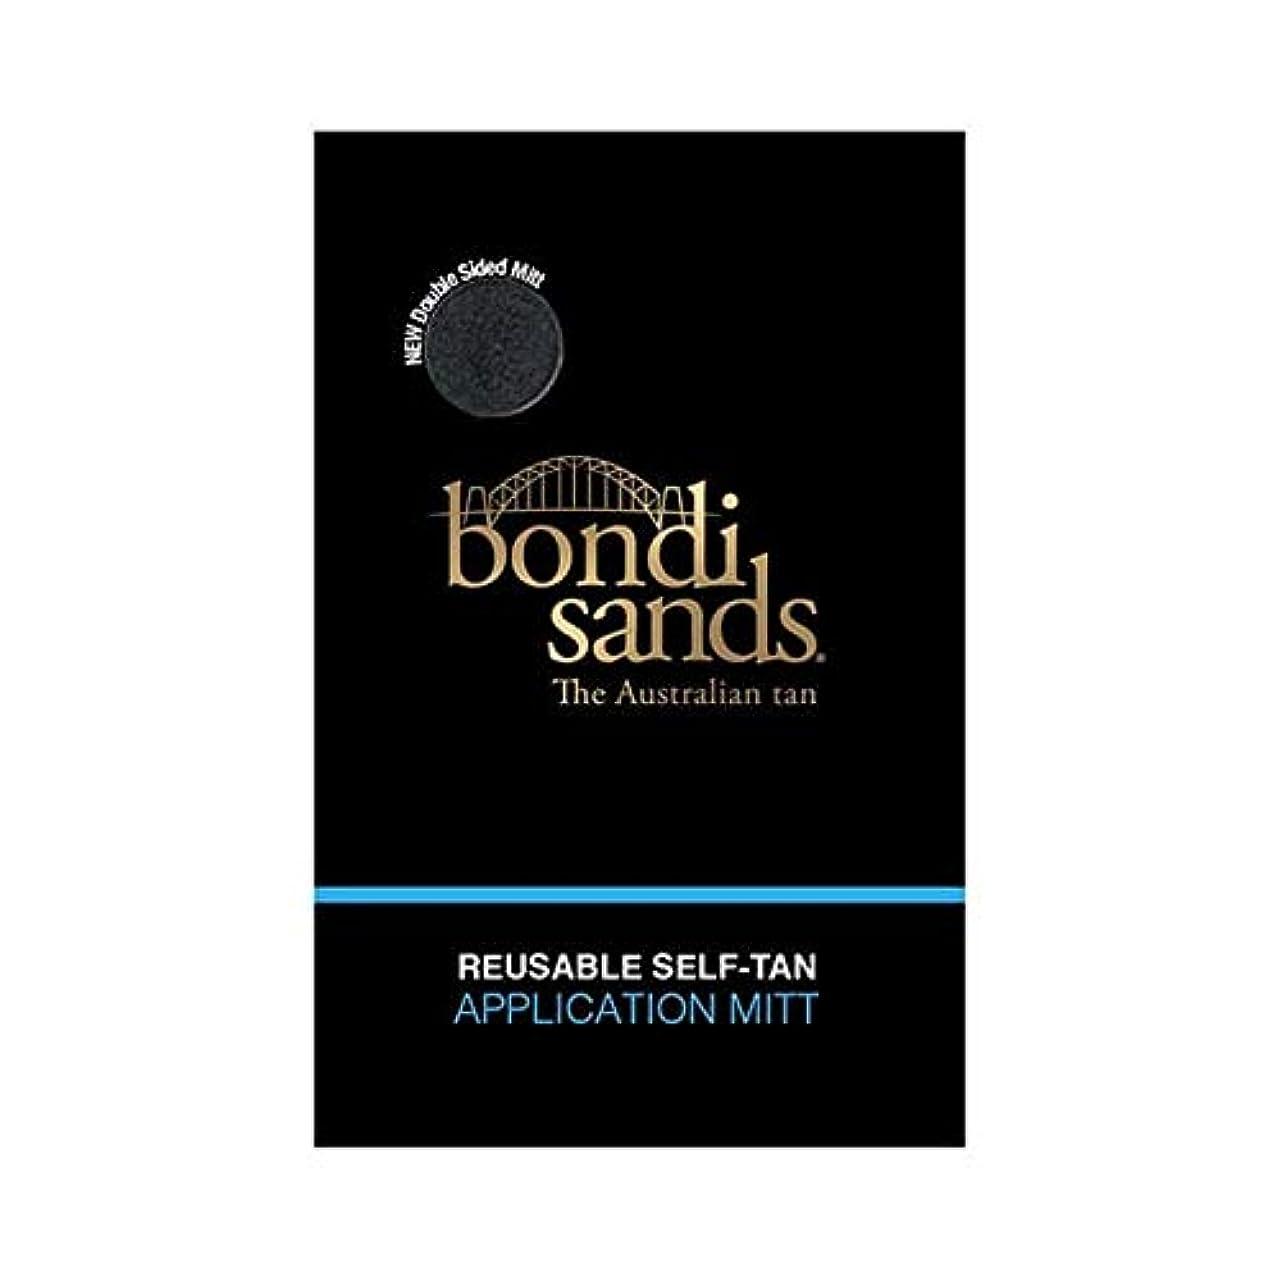 羽操縦するロータリー[Bondi Sands ] ボンダイサンド自己日焼けアプリケーションミット - Bondi Sands Self Tan Application Mitt [並行輸入品]